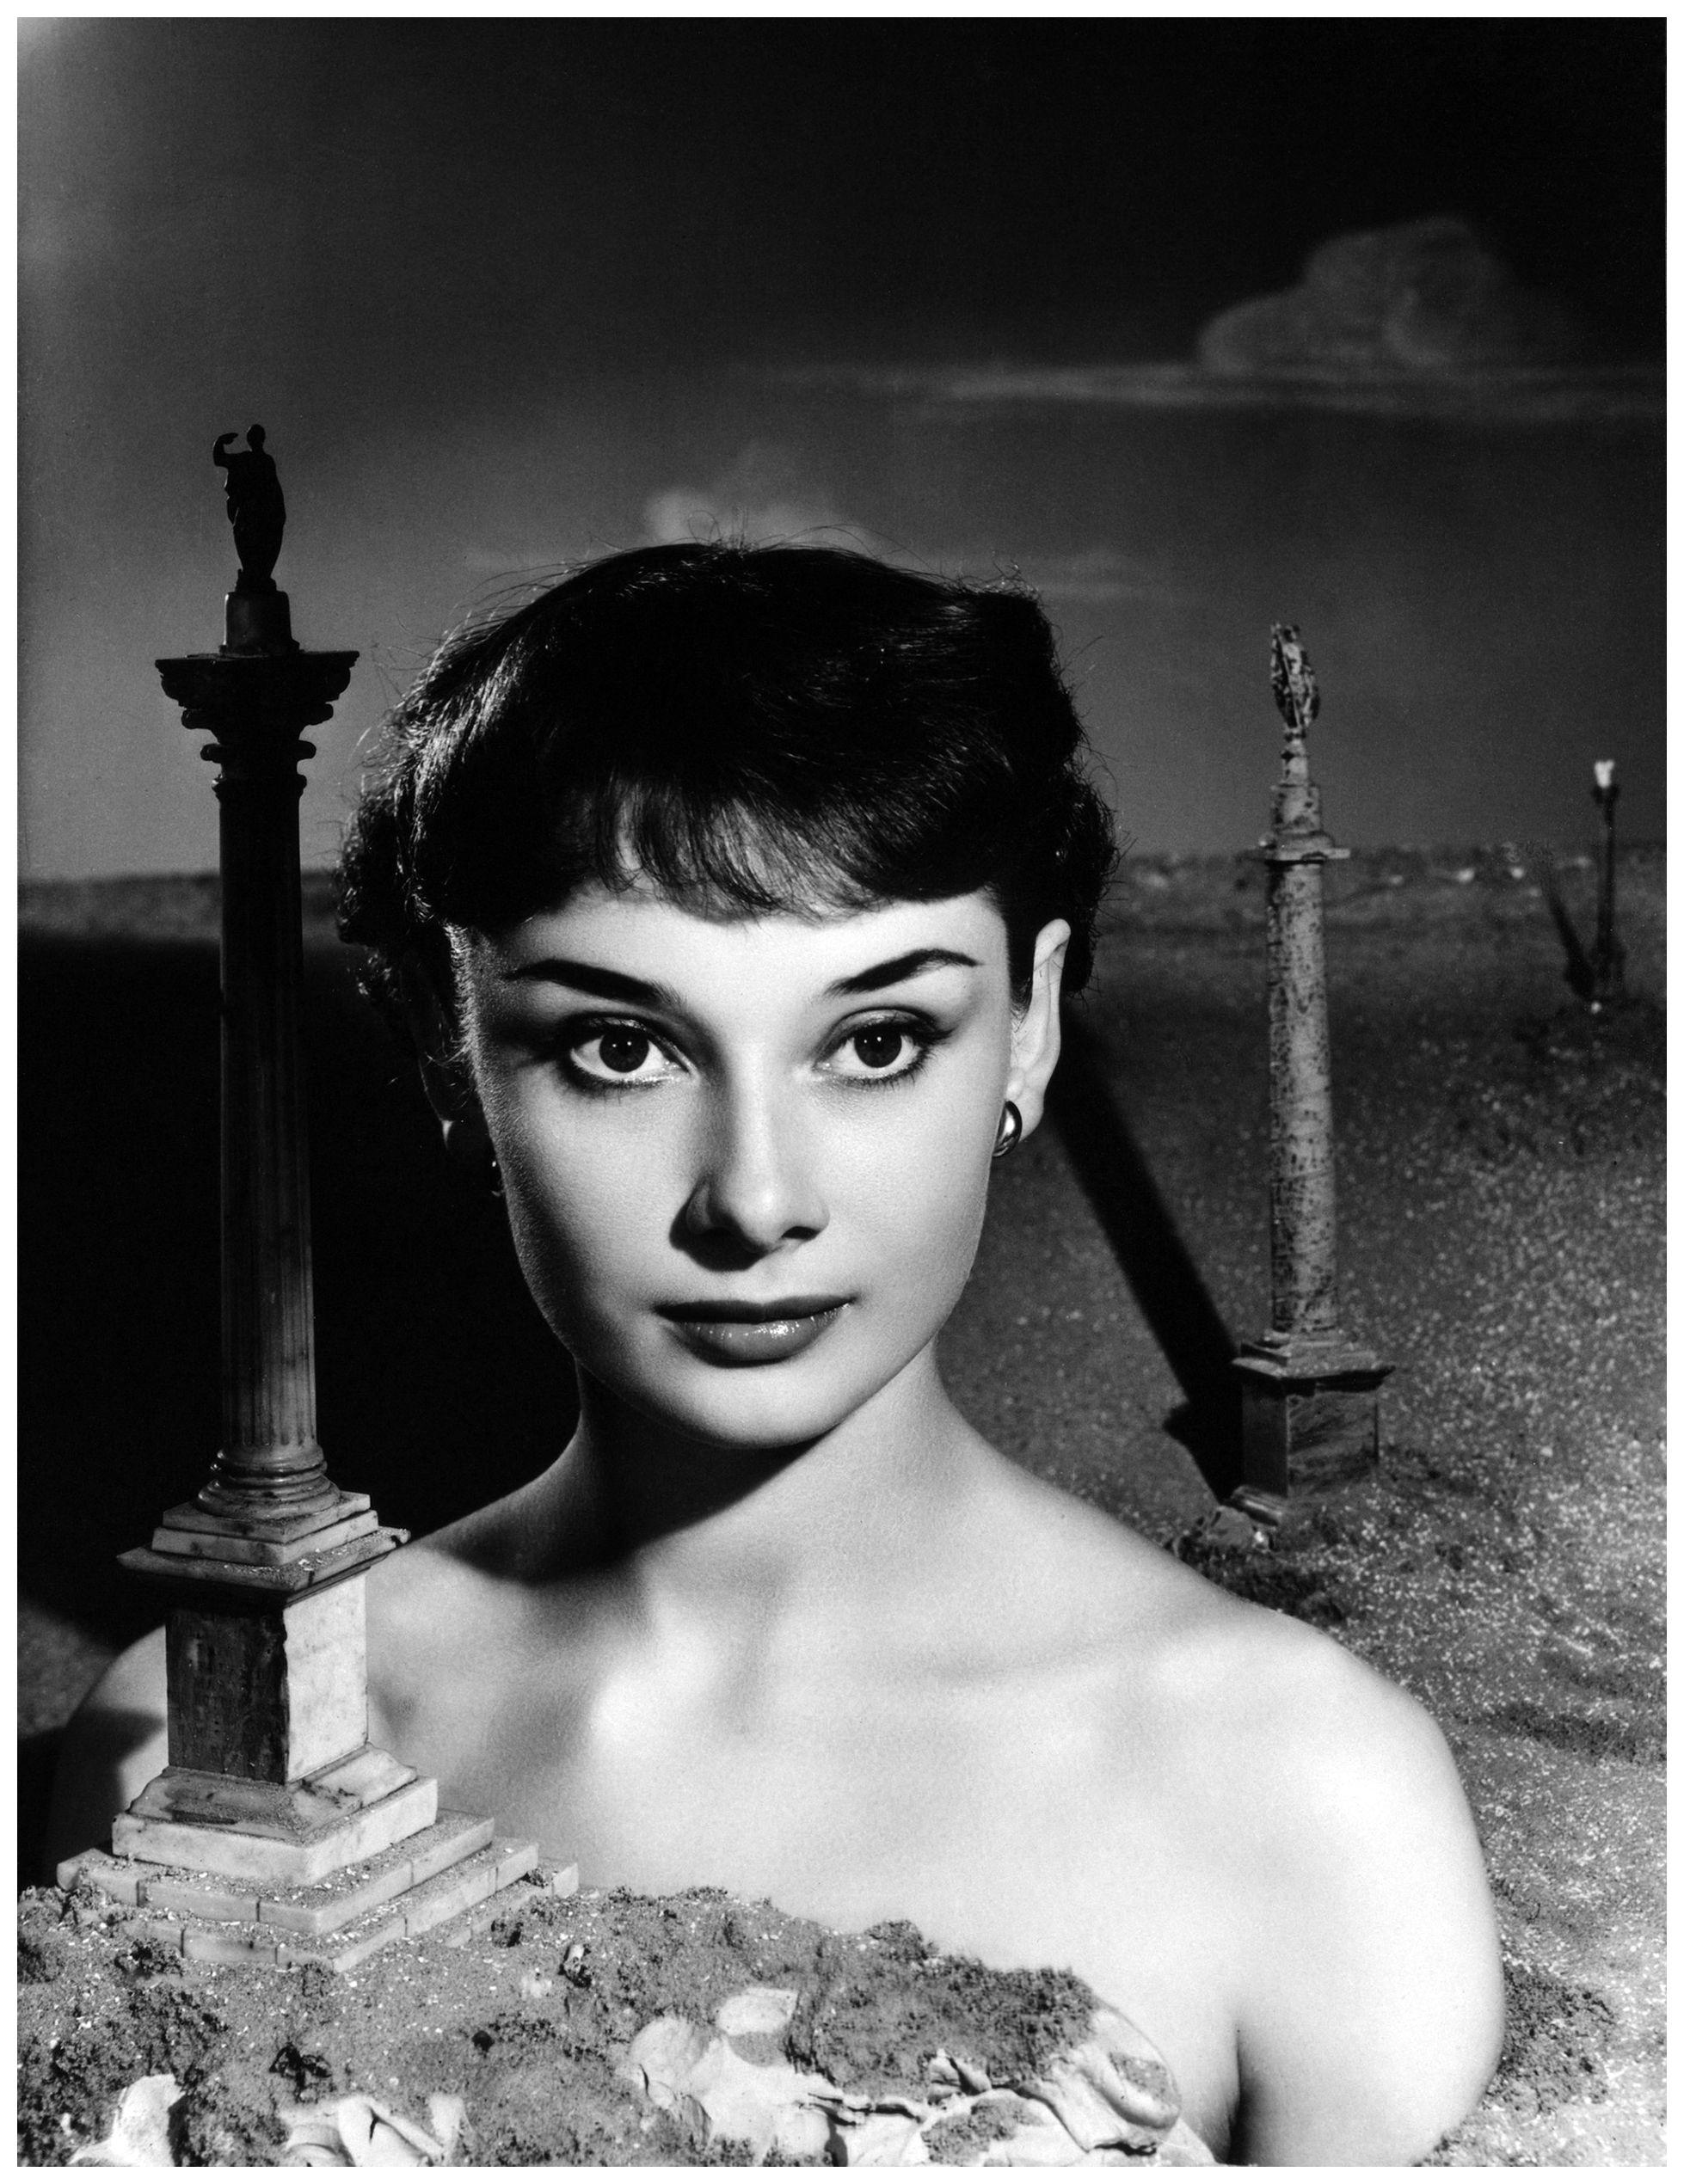 Audrey Hepburn (1929?993 (born in Ixelles, Belgium)